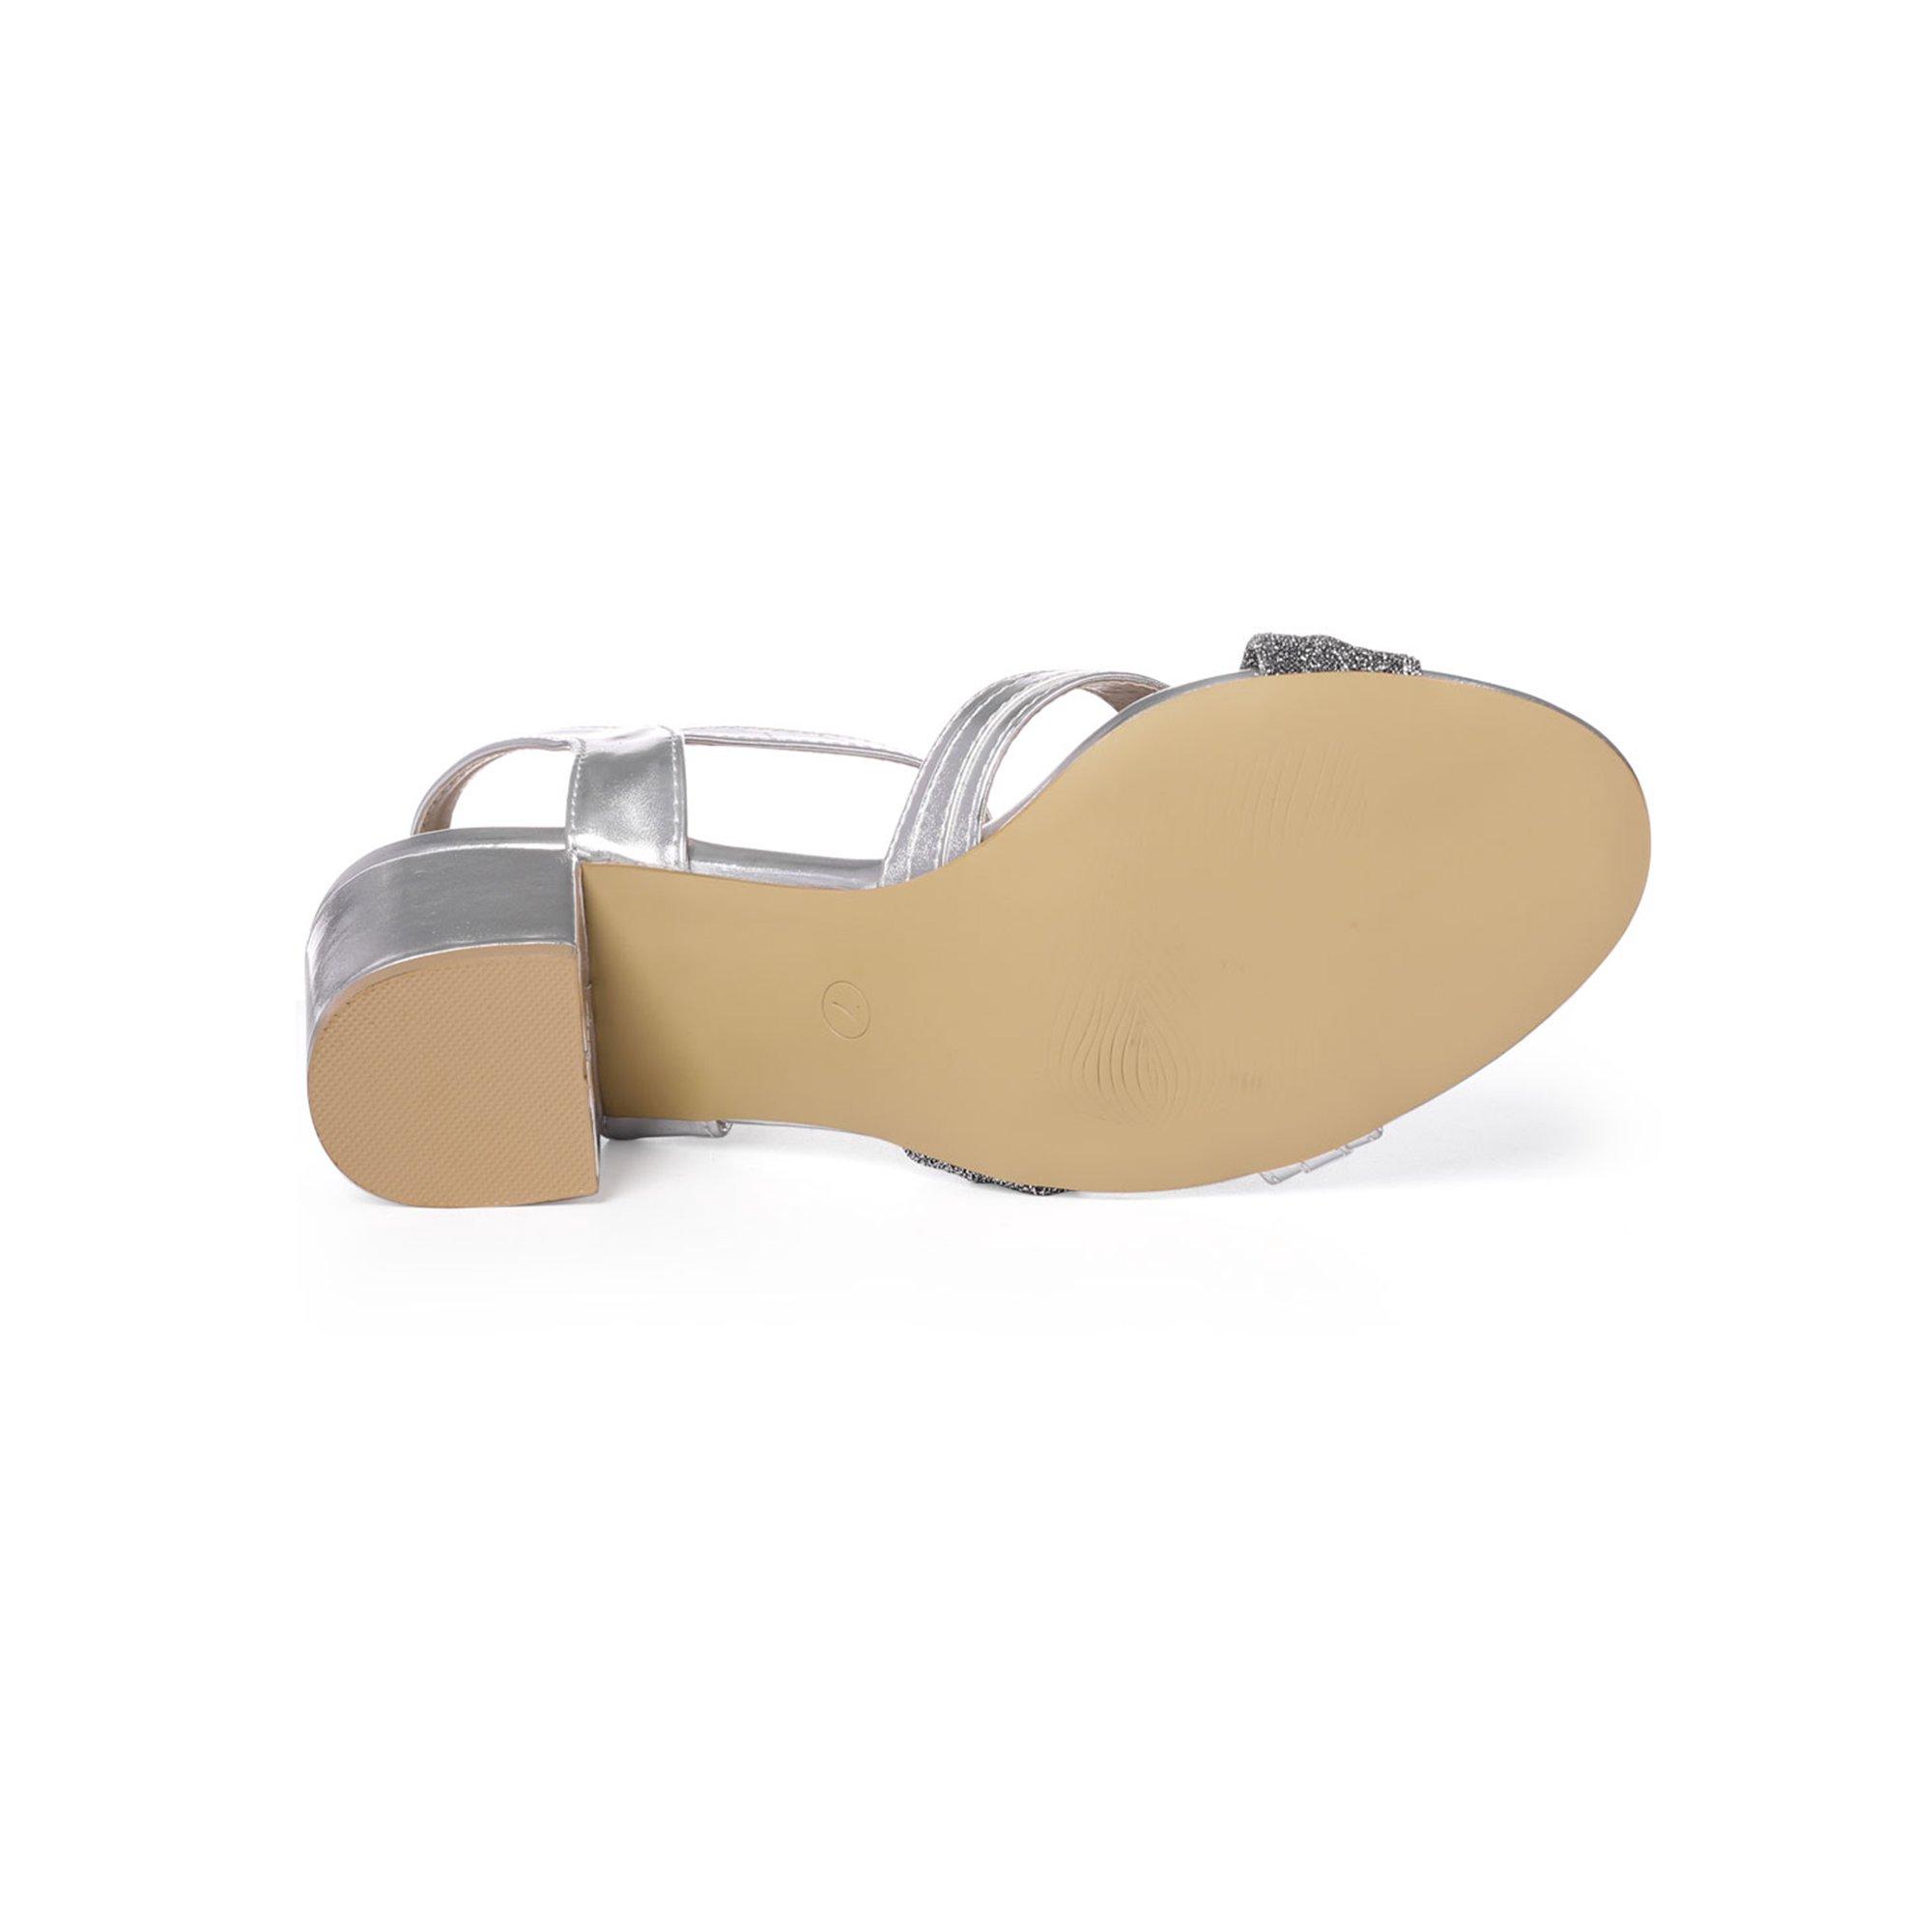 175b5a1ed8e8d2 Unique Bargains Women s Glitter Knot Block Heel Dress Sandals Silver (Size  7.5)